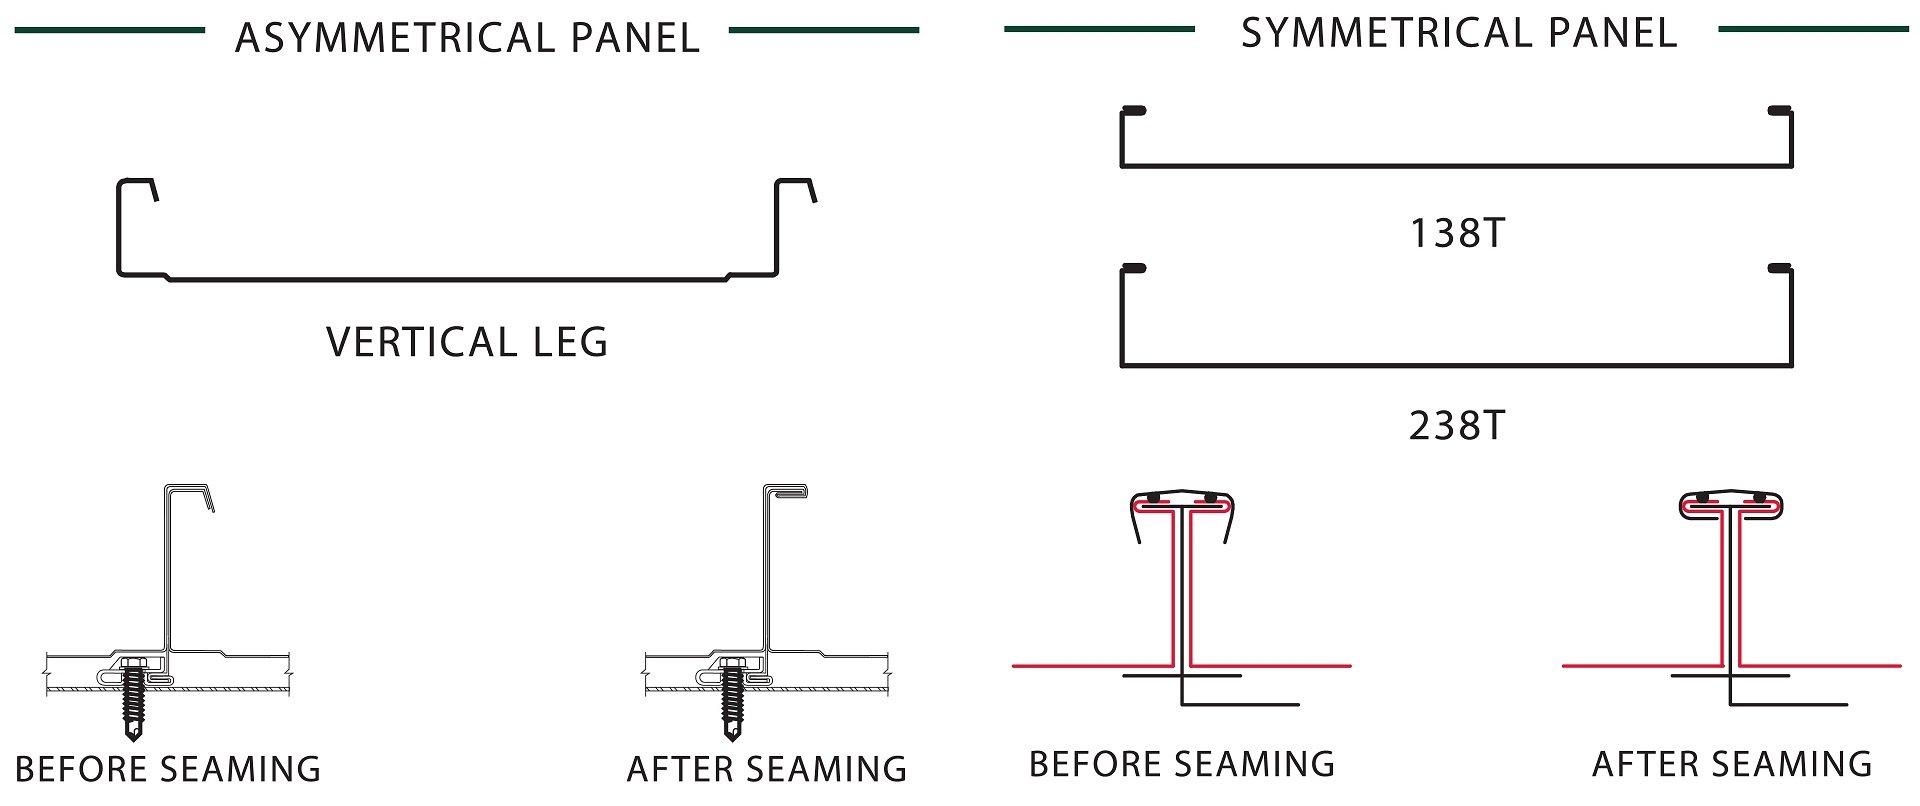 Asymmetrical an Symmetrical Panels